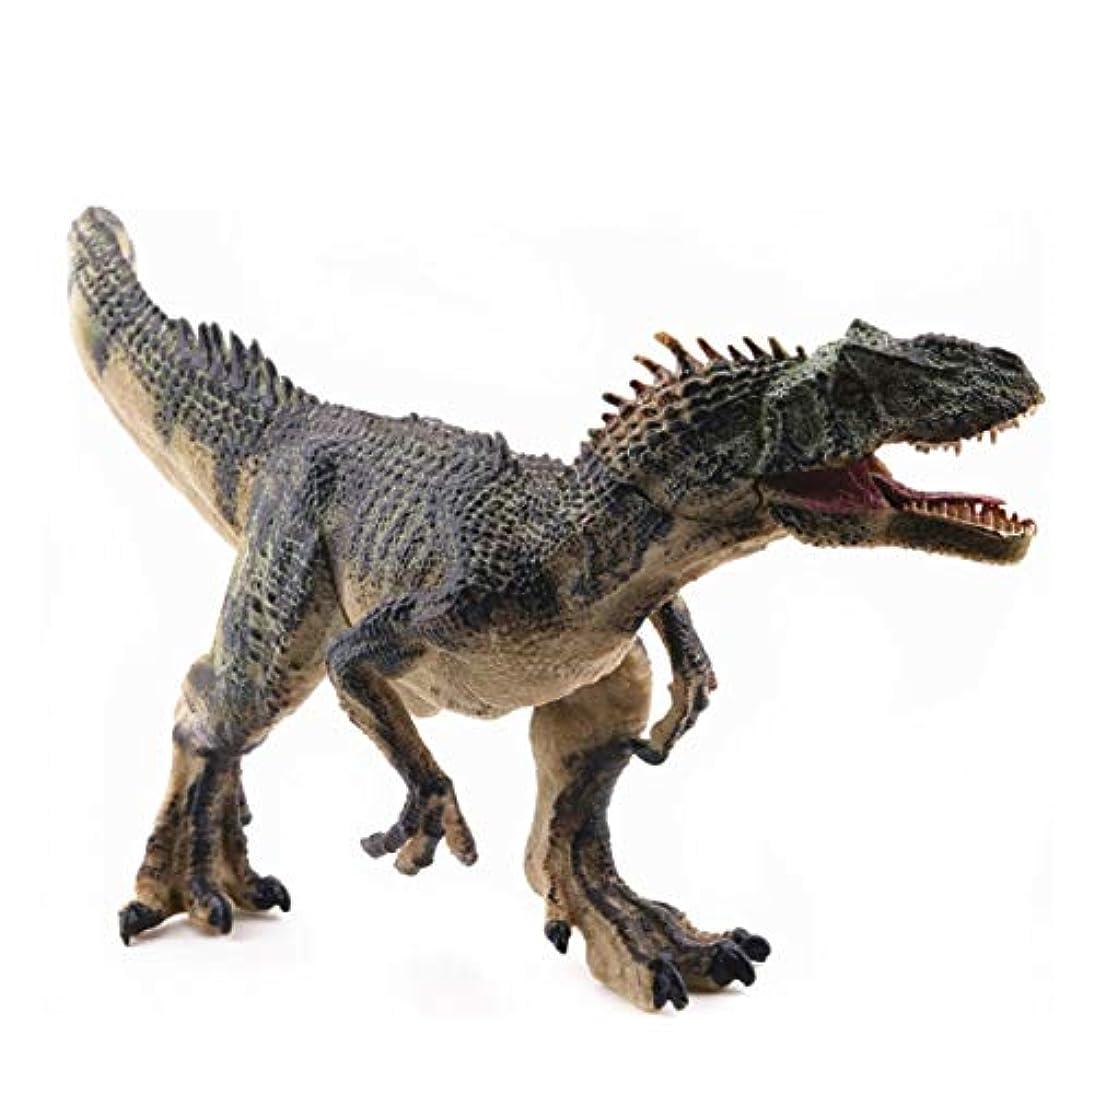 女性試みる請うSaikogoods シミュレーションアロサウルスリアルな恐竜の模型玩具置物アクションは 子供のためのホームインテリア教育玩具フィギュア 緑